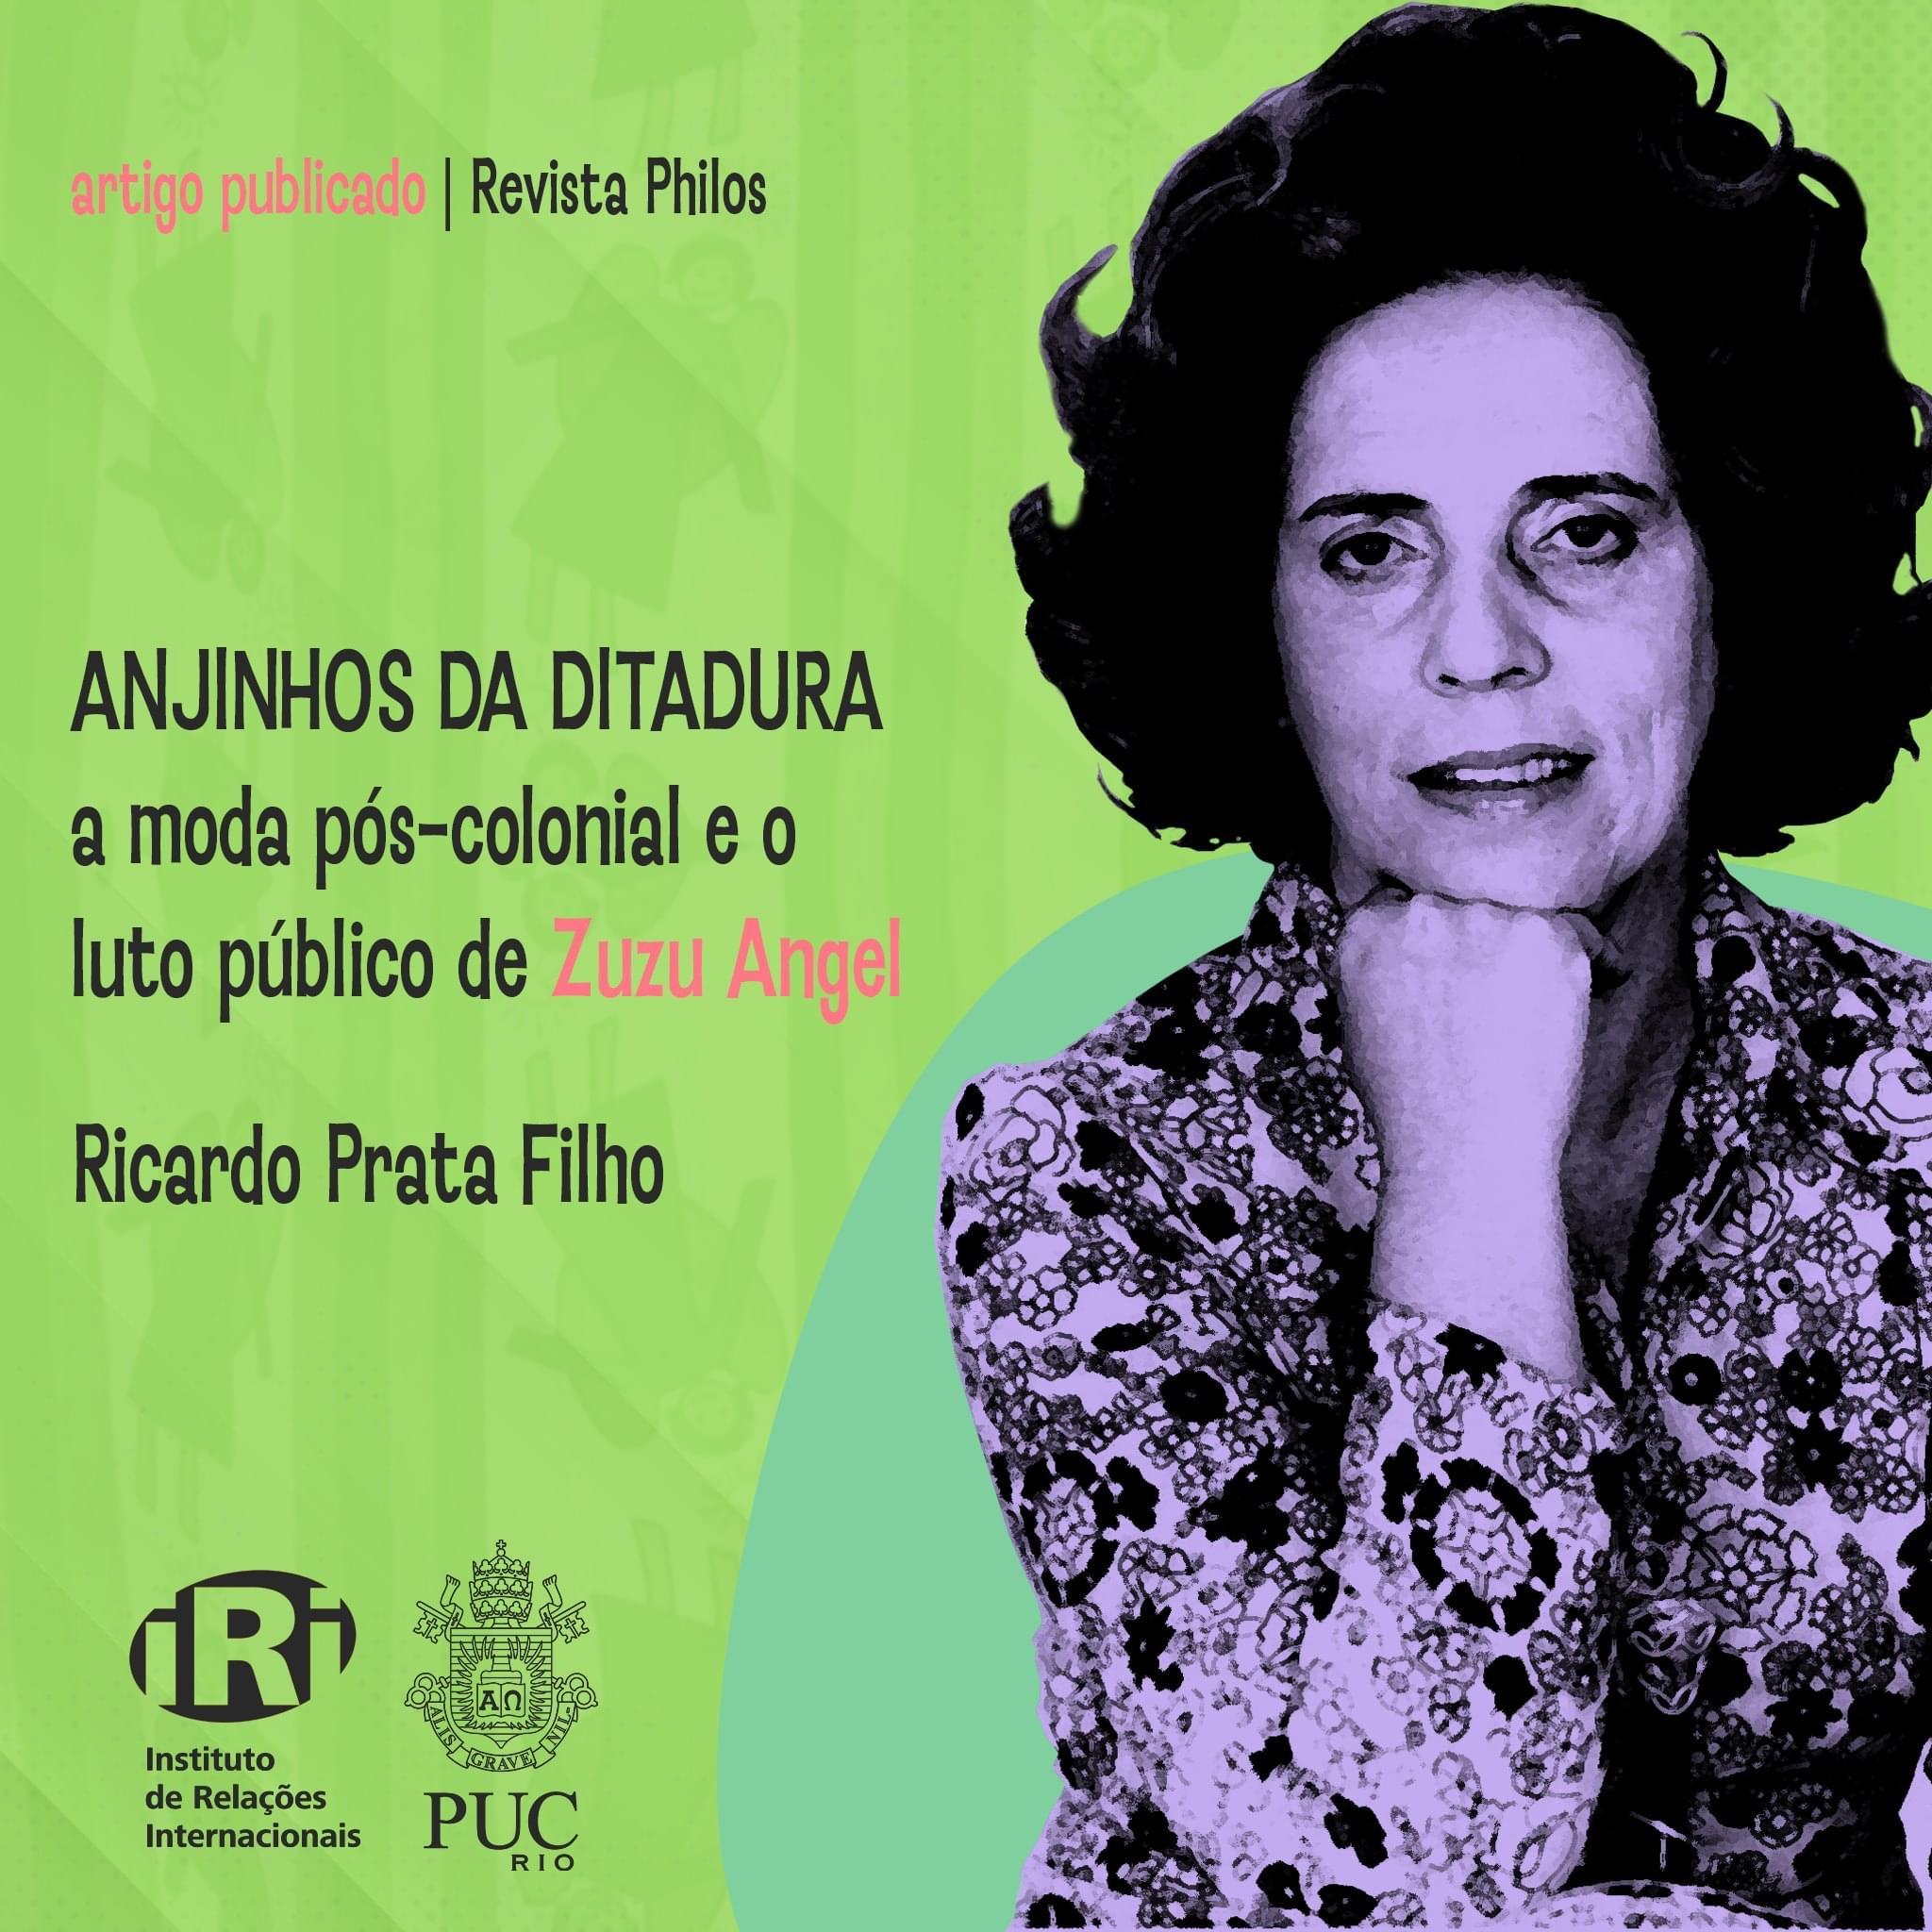 Anjinhos da Ditadura: a moda pós-colonial e o luto público de Zuzu Angel